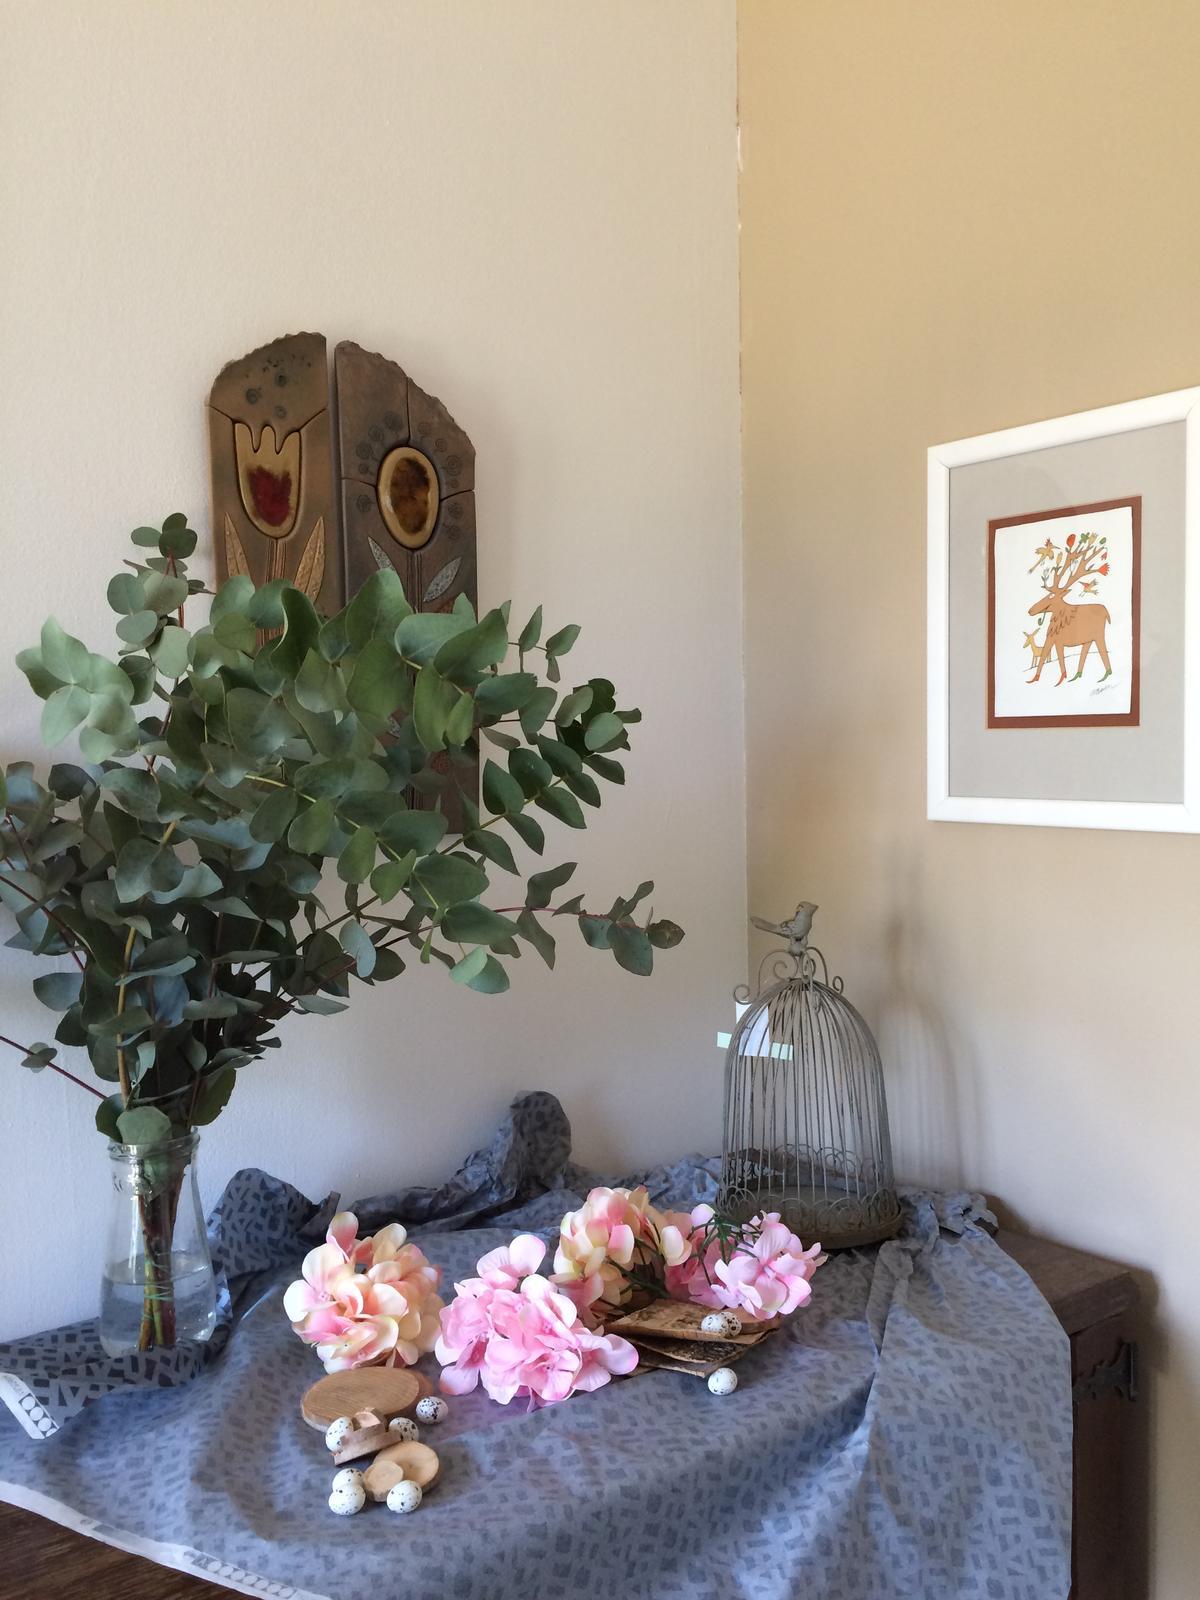 Dekorace z květin Pro radost - prostě jen vybaveno z designového papíru ... už se těším na tvoření